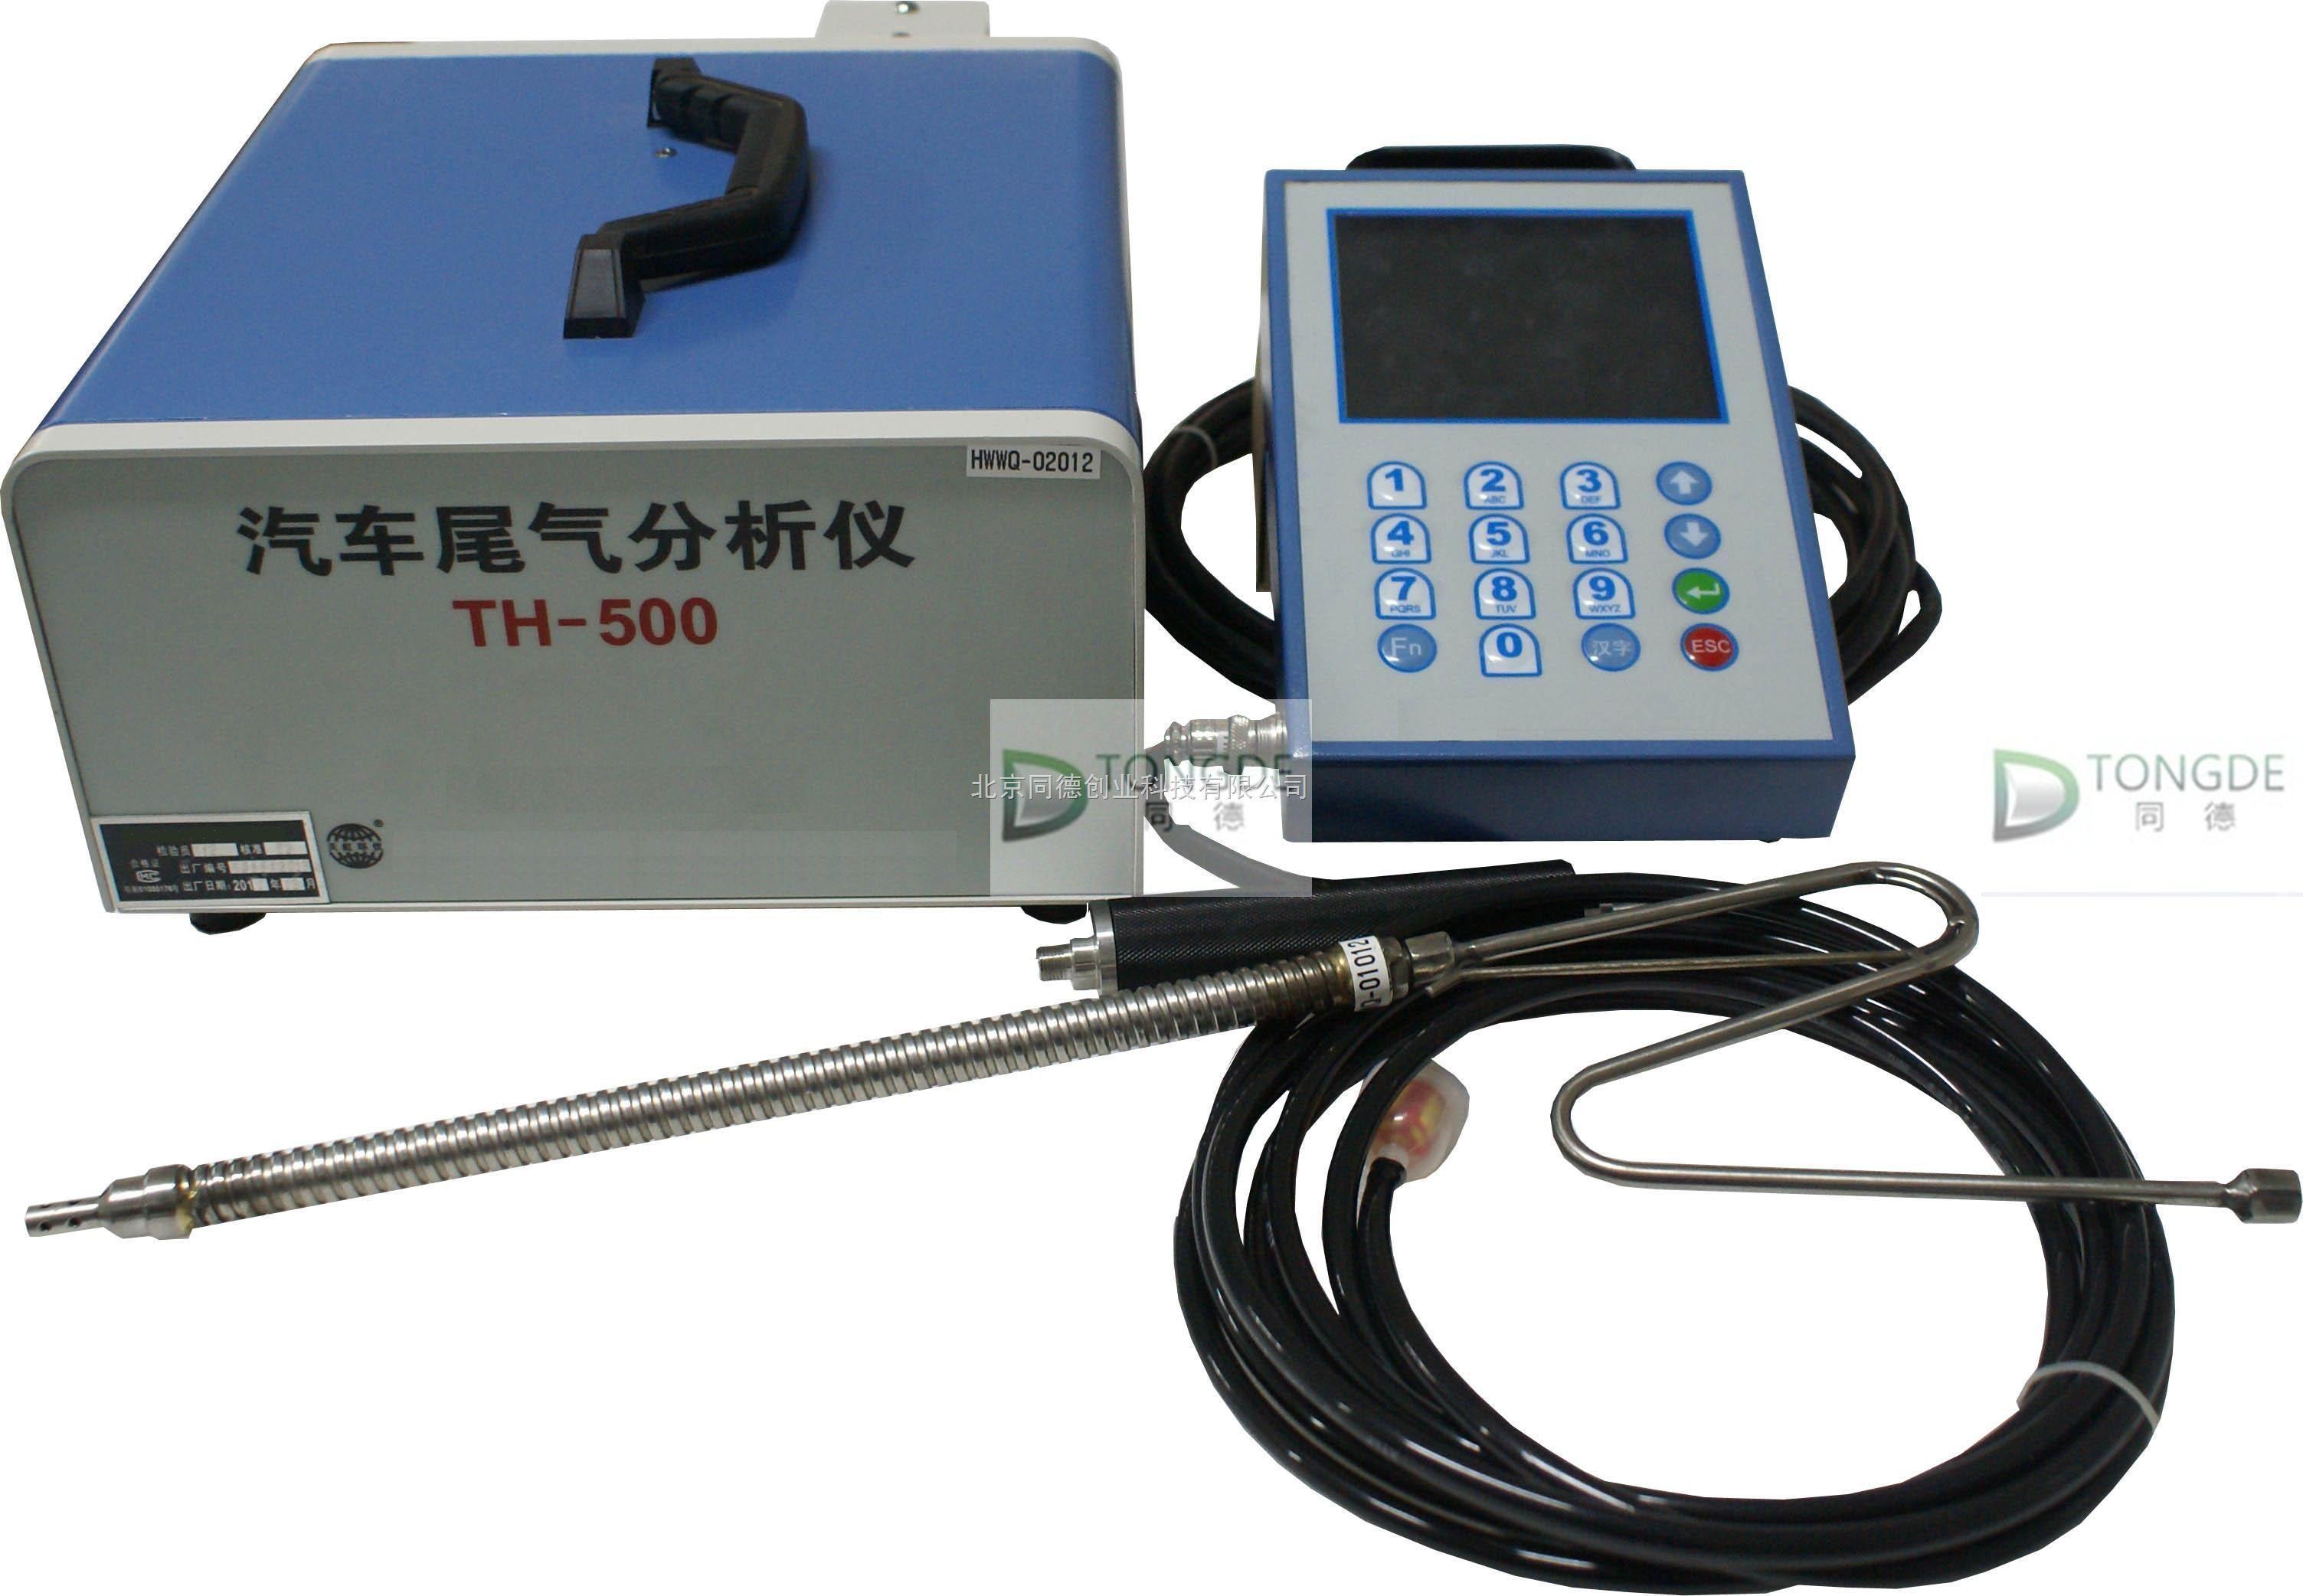 废气中的CO、HC、CO2、采用电化学电池原理测量O2、NO浓度 大屏幕液晶显示,中文菜单引导,操作简便。 HORIBA进口世界最先进O级精度平台机芯、传感器组装 零位自动调整,自动校准功能 柔性取样探头适应多种尾气管形式、高效合金水份分离器 独有开机30秒快速预热功能,快速适应各地温变化。 压力和温度自动补偿,消除了外界压力温度变化的影响。 自动计算发动机空燃比、入值,自诊断功能 具备500组数据储存、查阅功能、车牌号码输入功能 内置打印机、油温检测、发动机转速检测功能(可选) 配备标准